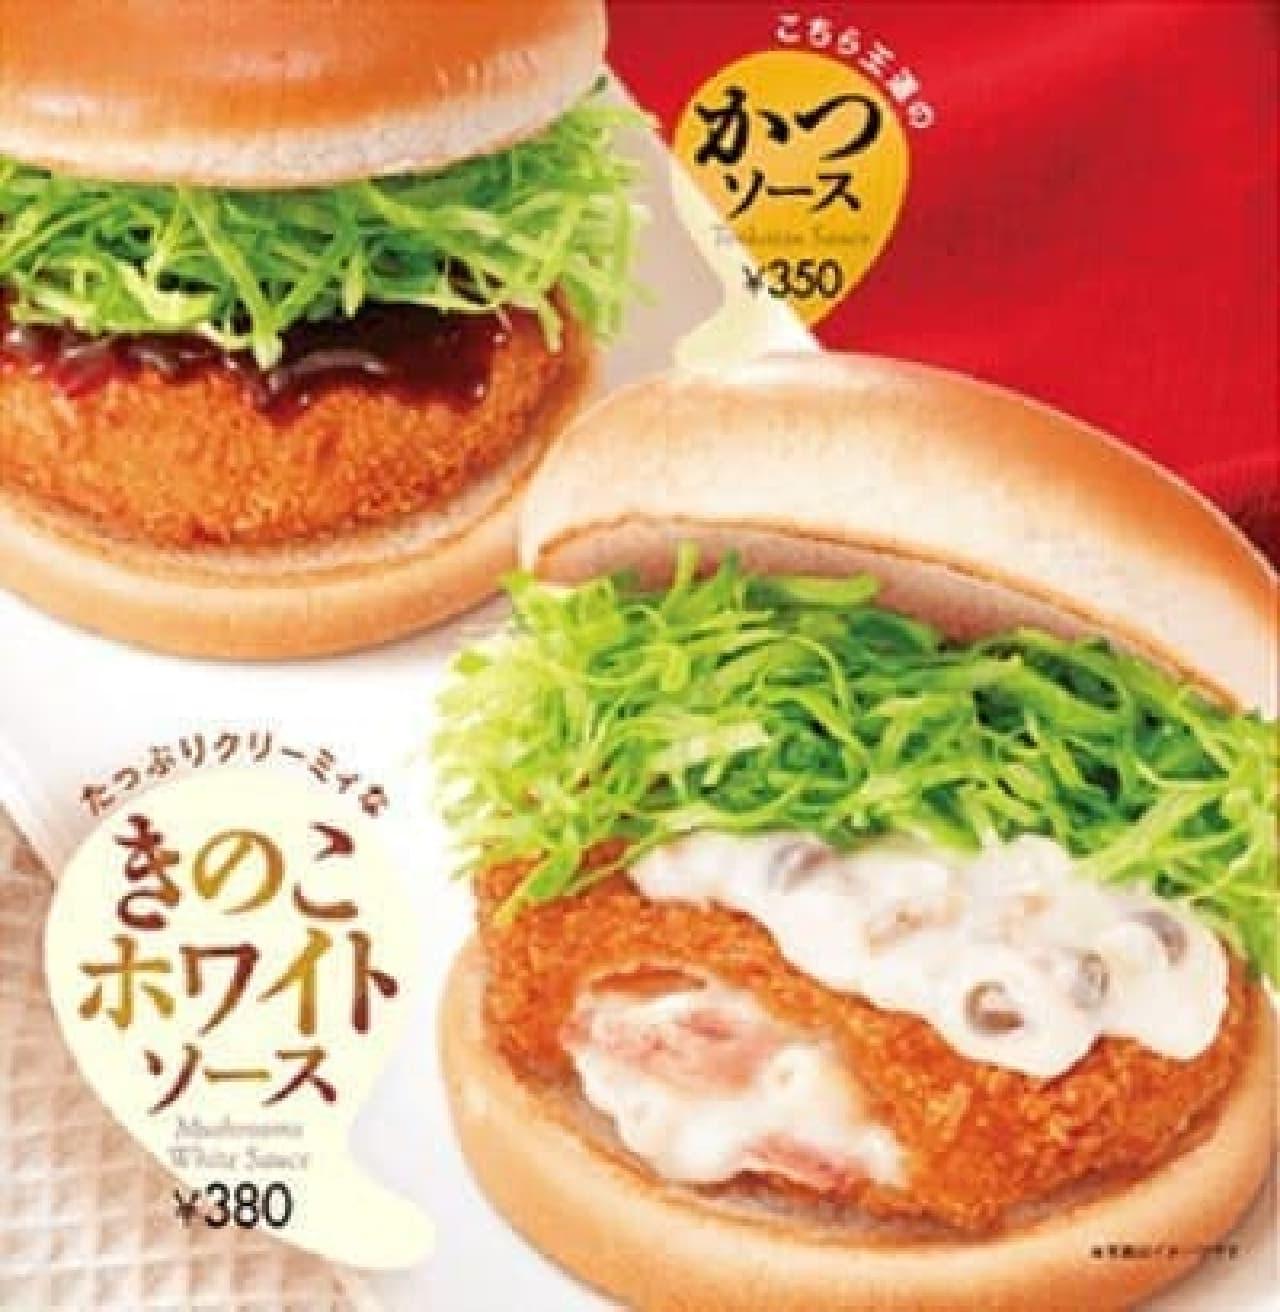 「海老グラタンコロッケ」のサンド2種が登場!